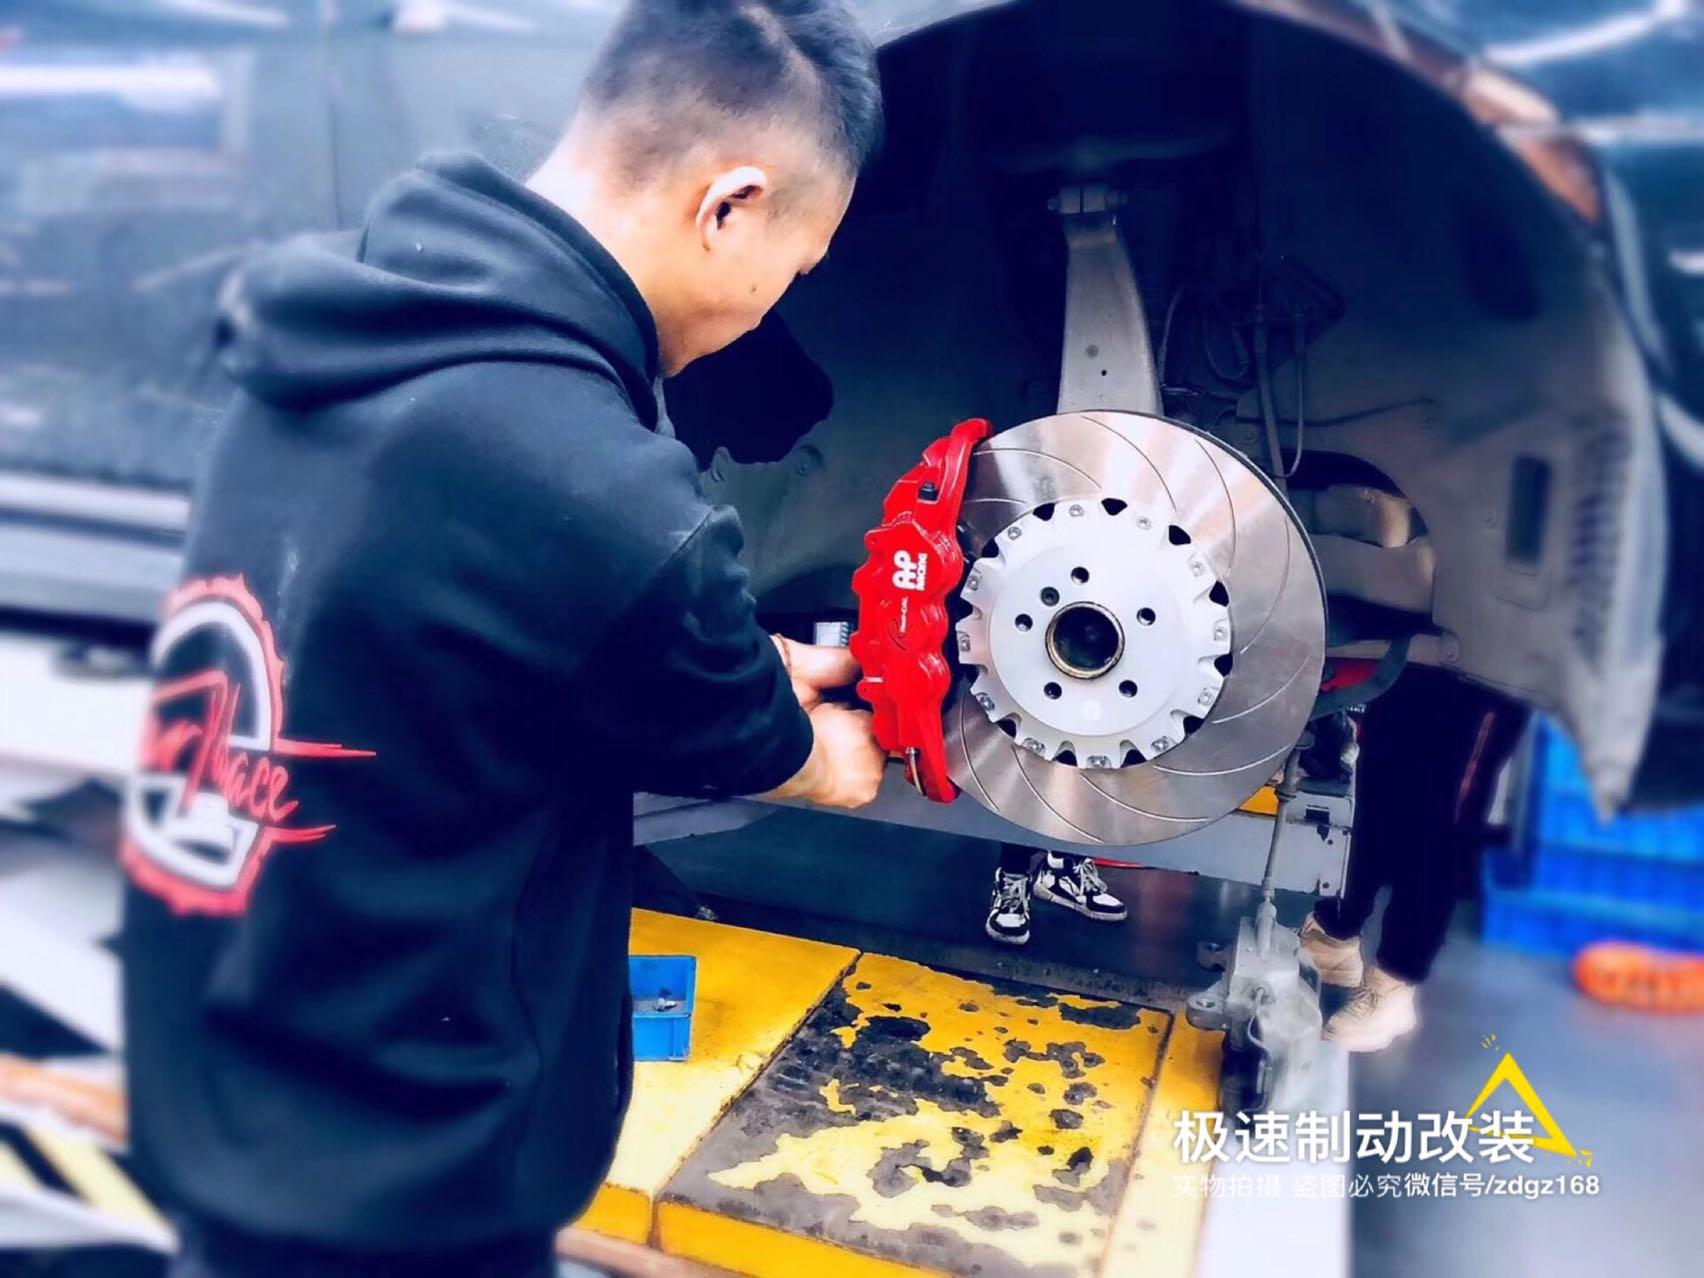 【深圳刹车卡钳改装】宝马740Li刹车升级AP8521大六刹车套装,完美上车